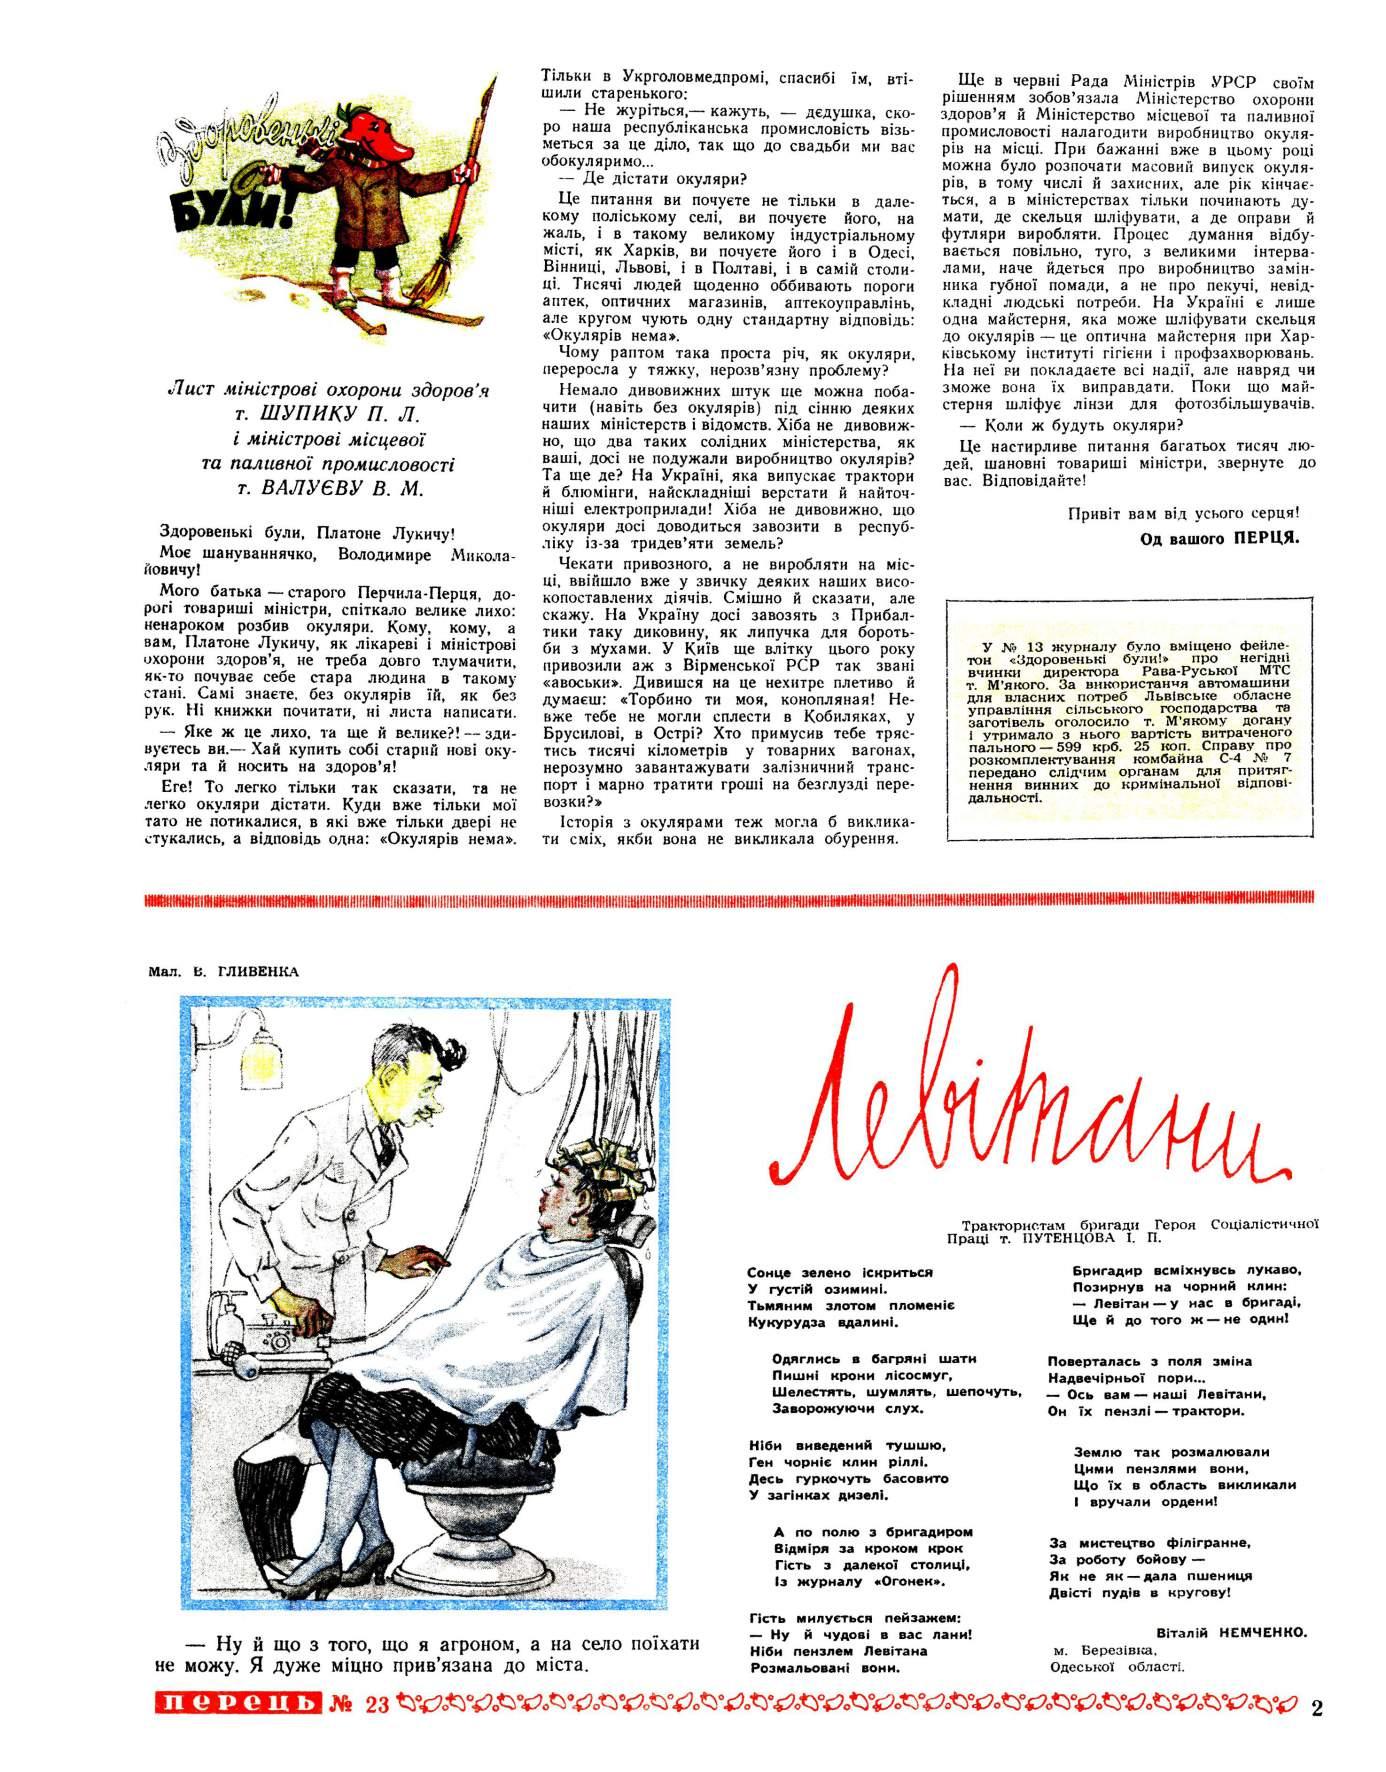 Журнал перець 1953 №23